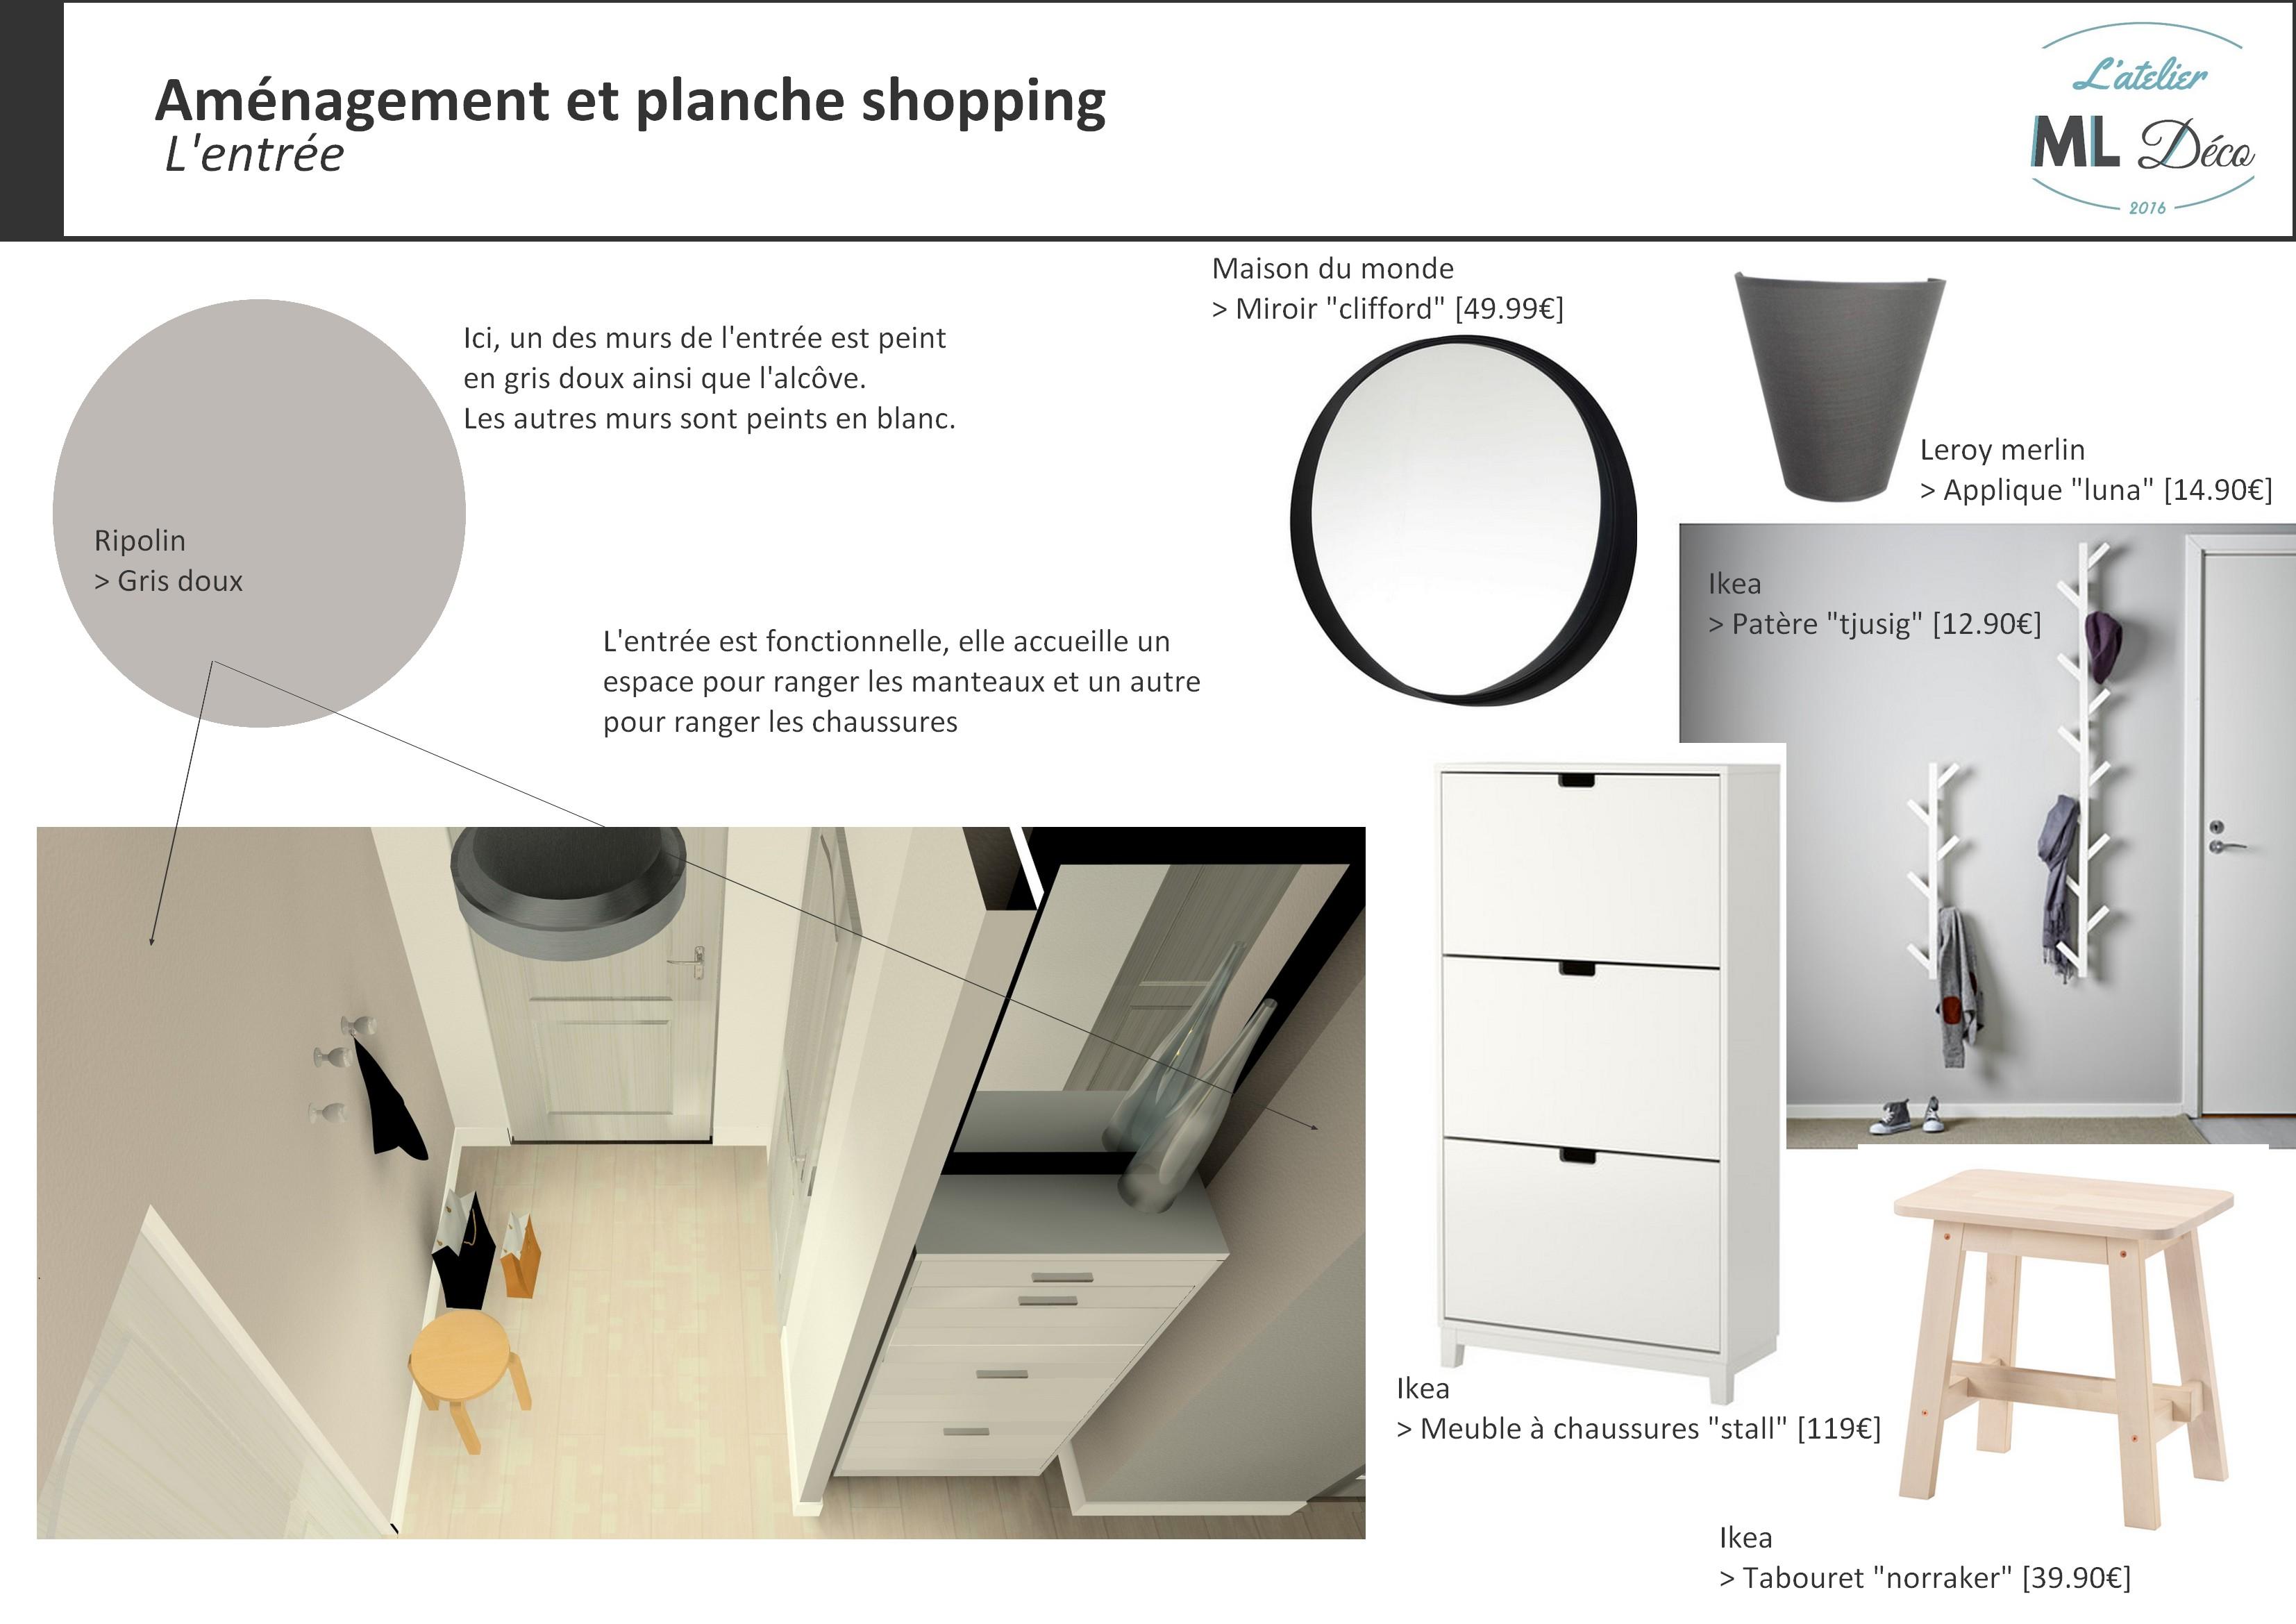 Aménagement et planche shopping - L'entrée